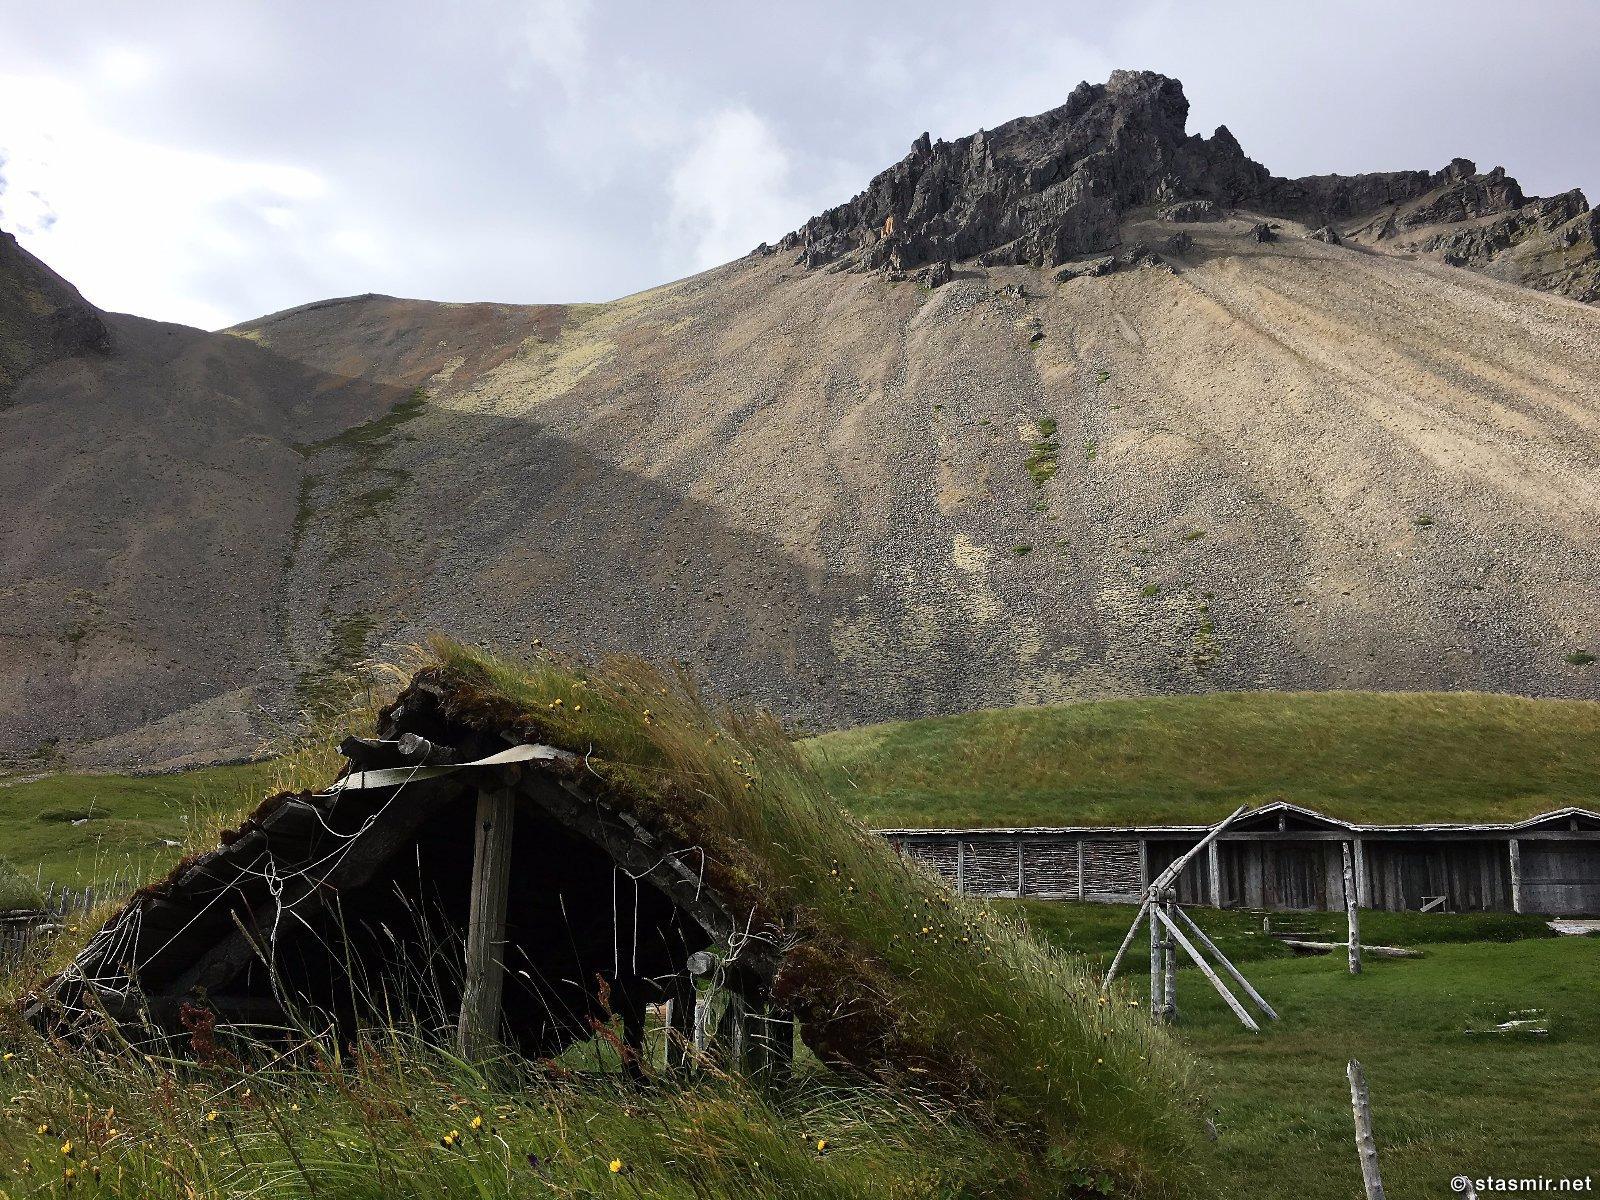 декорации деревни викингов для съемок голлвудского фильма в Исландии, фото Стасмир, photo Stasmir, декорации деревни викингов для съемок голлвудского фильма в Исландии, голливудская деревня викингов в Исландии